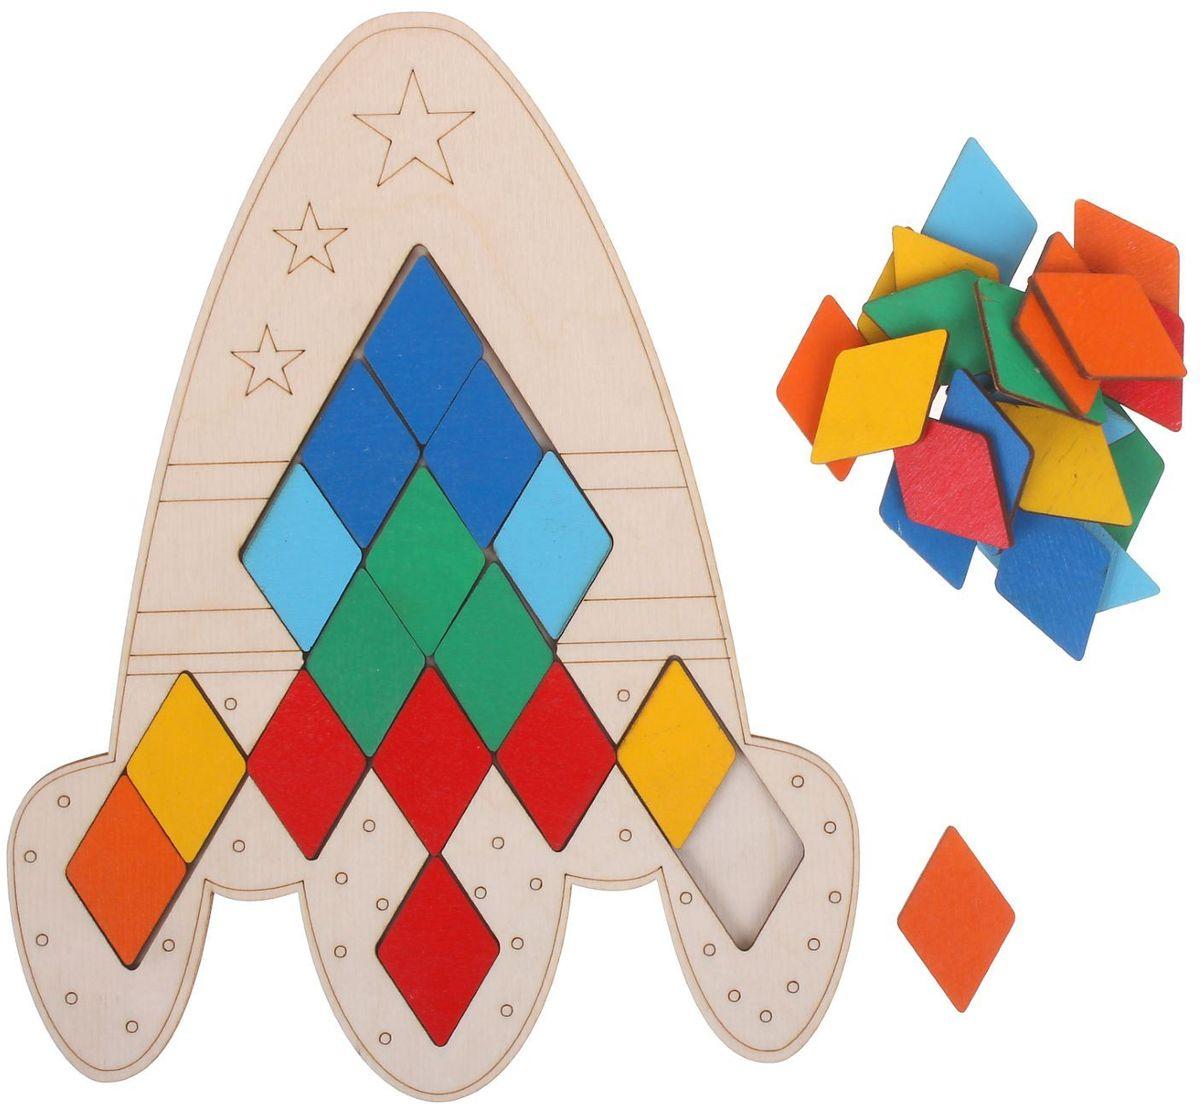 Купить Smile Decor Пазл для малышей Ракета, ИП Монжаев С.М. , Обучение и развитие